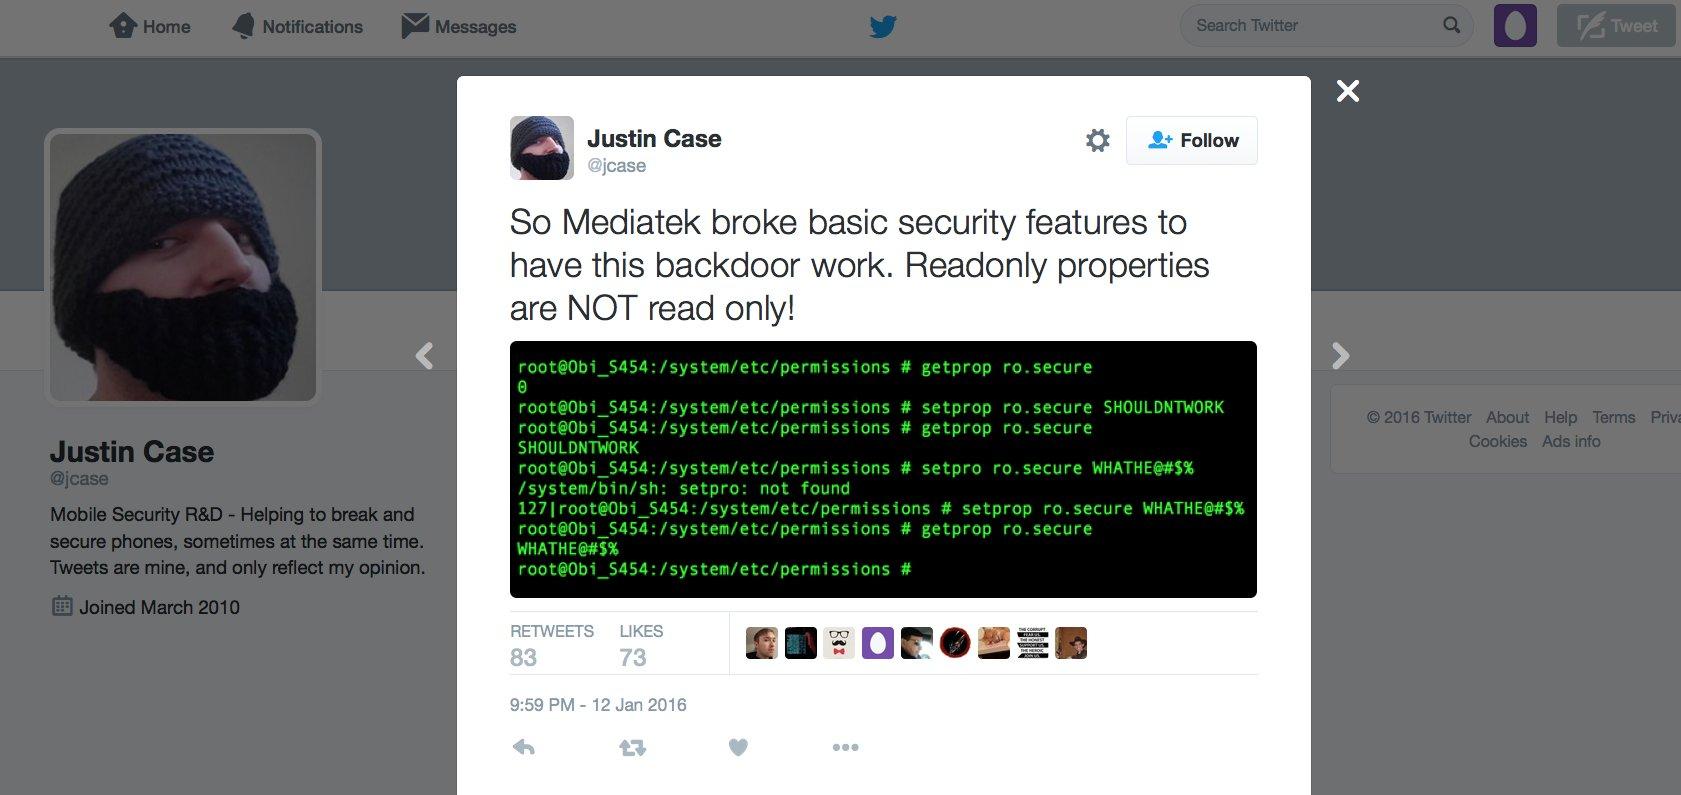 Das war die erste Meldung von Justin Case auf Twitter über die Möglichkeit, dass Hacker die Daten von Android-Smartphones abschöpfen können.